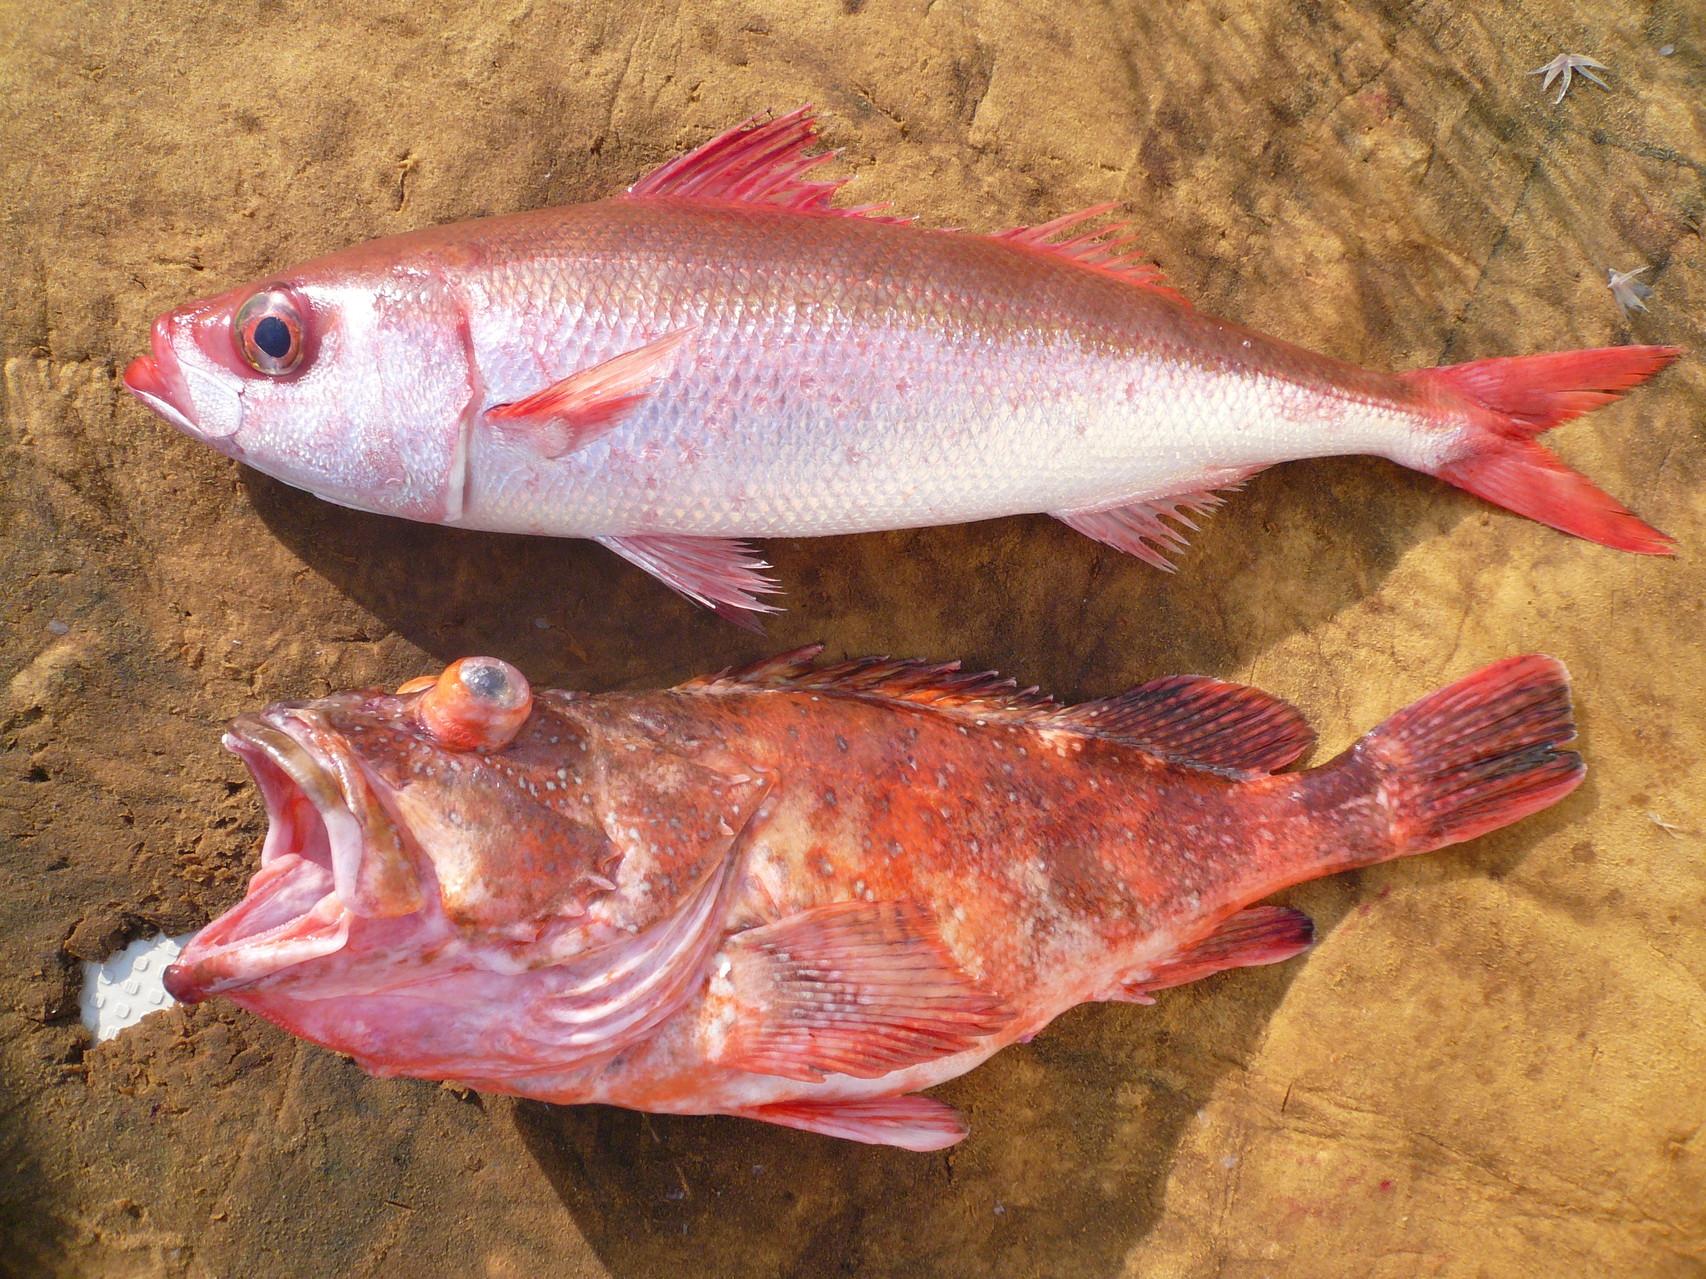 4月8日三界のポイント・タイ釣り場 ハチビキ ・ アラカブ1.9kg 大きいサイズ